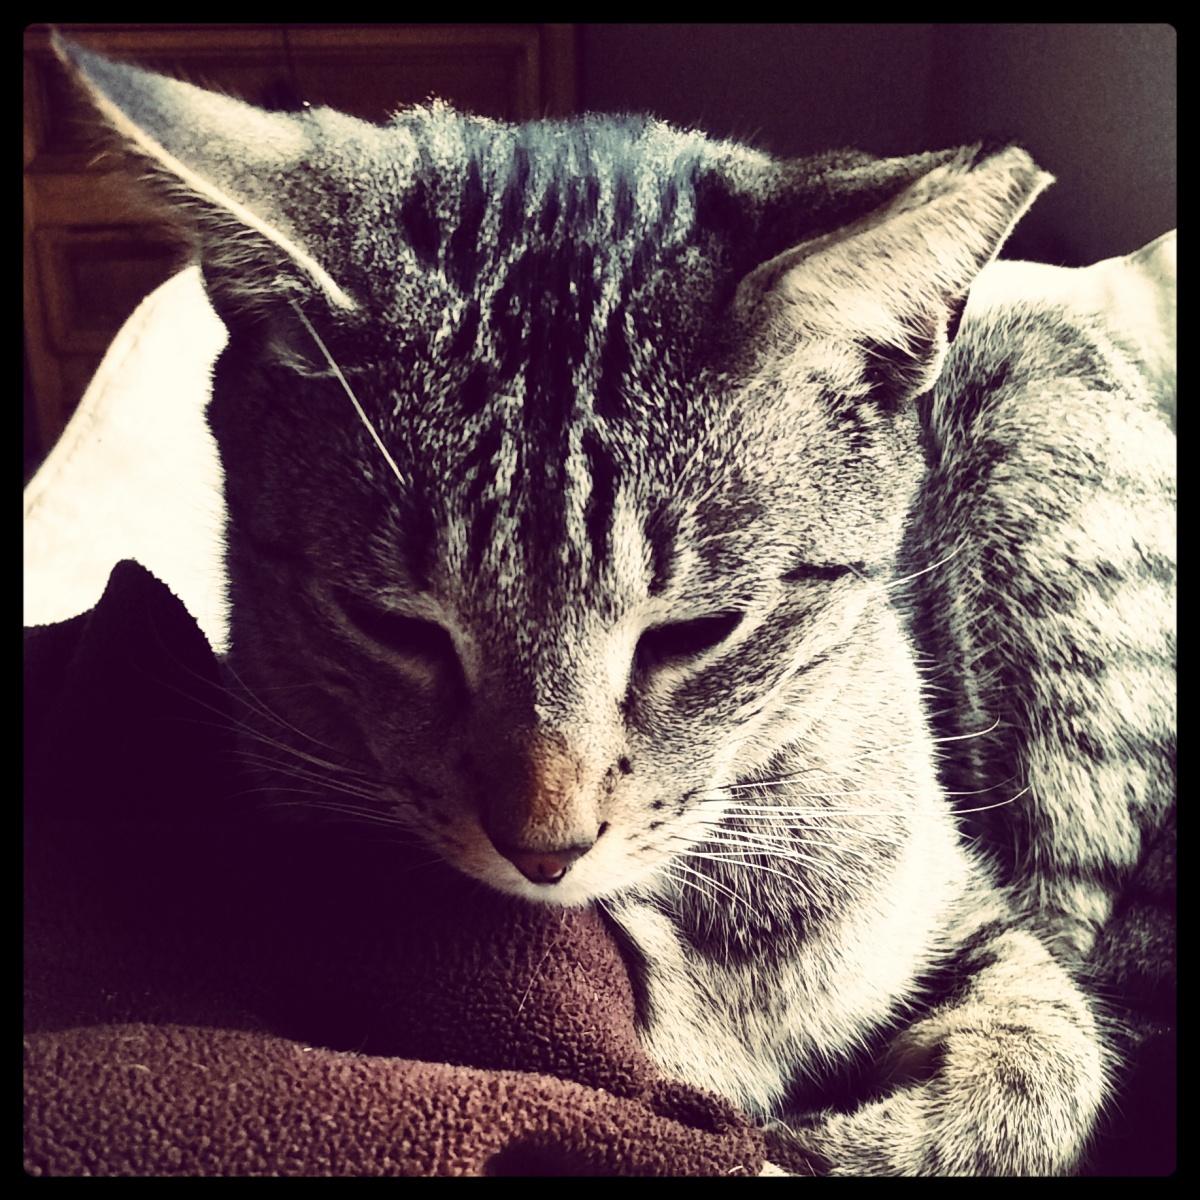 The Cat(s)